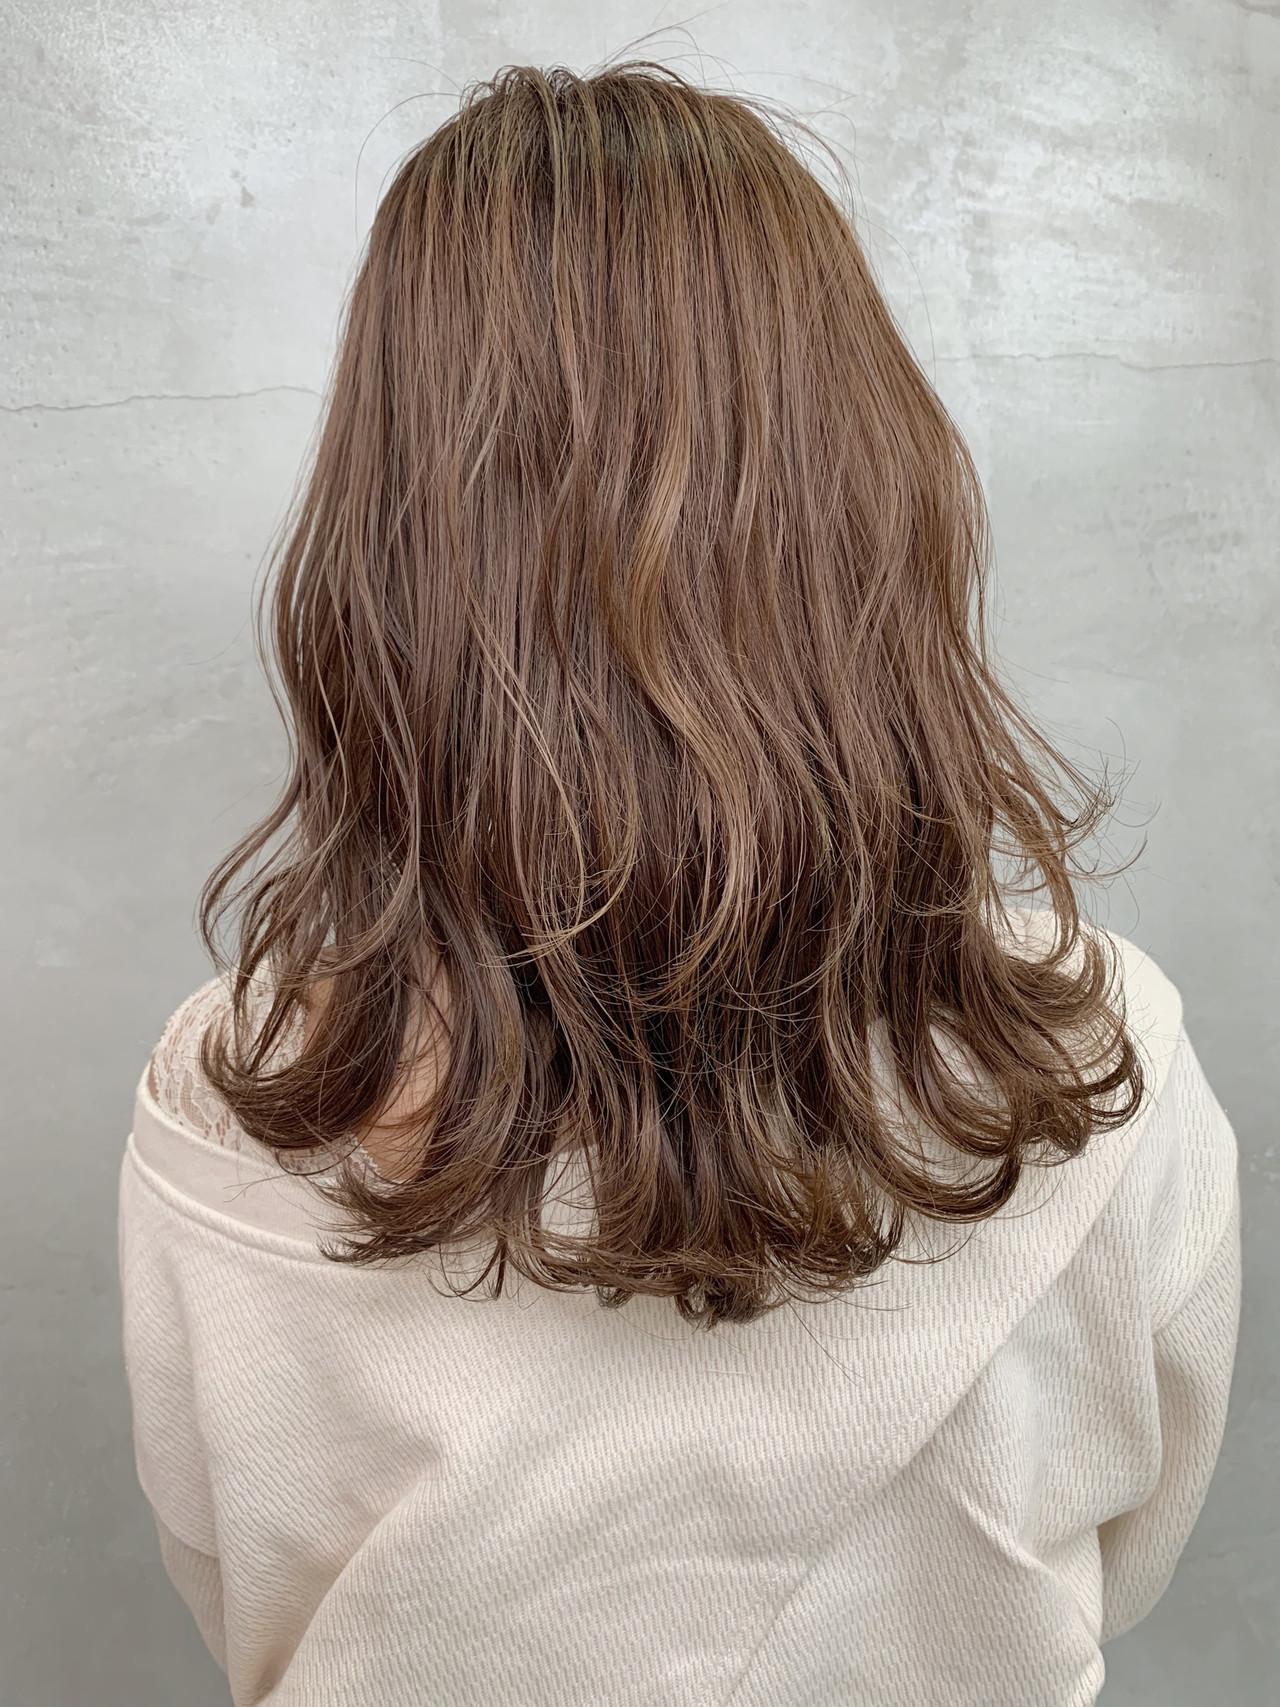 デート セミロング 成人式 ミルクティー ヘアスタイルや髪型の写真・画像 | 阪下 裕紀 / フリーランス /SALOWIN